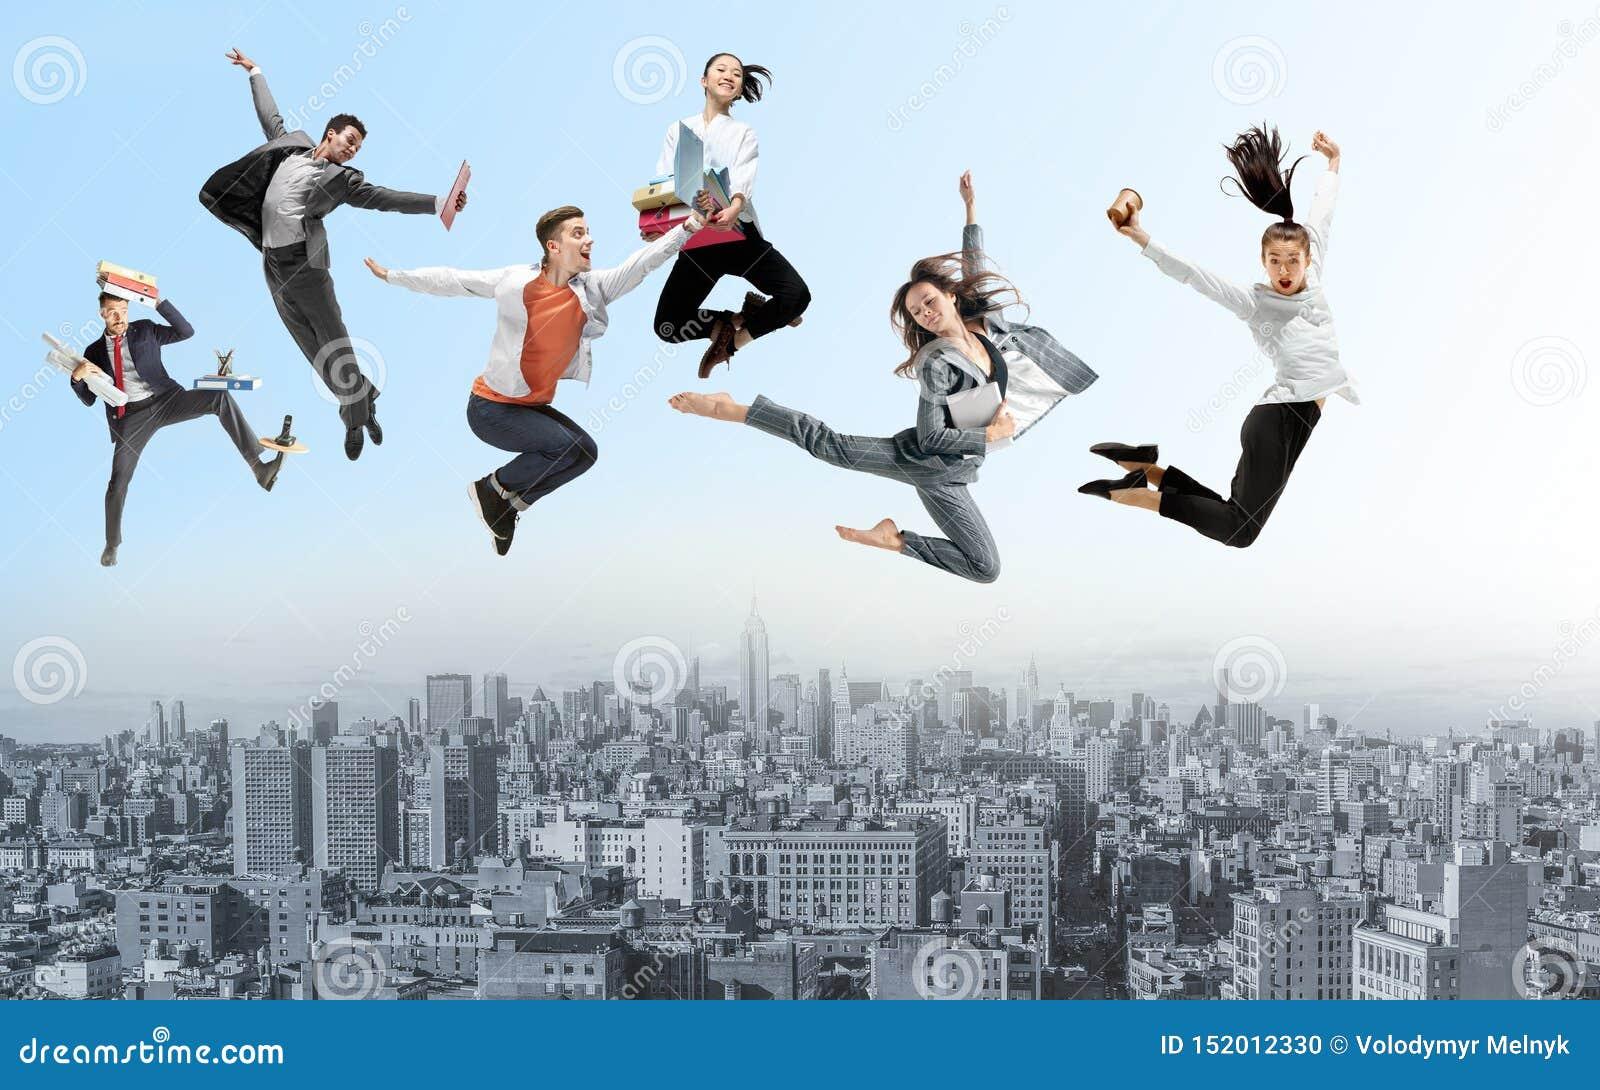 跳跃在城市上的办公室工作者或跳芭蕾舞者